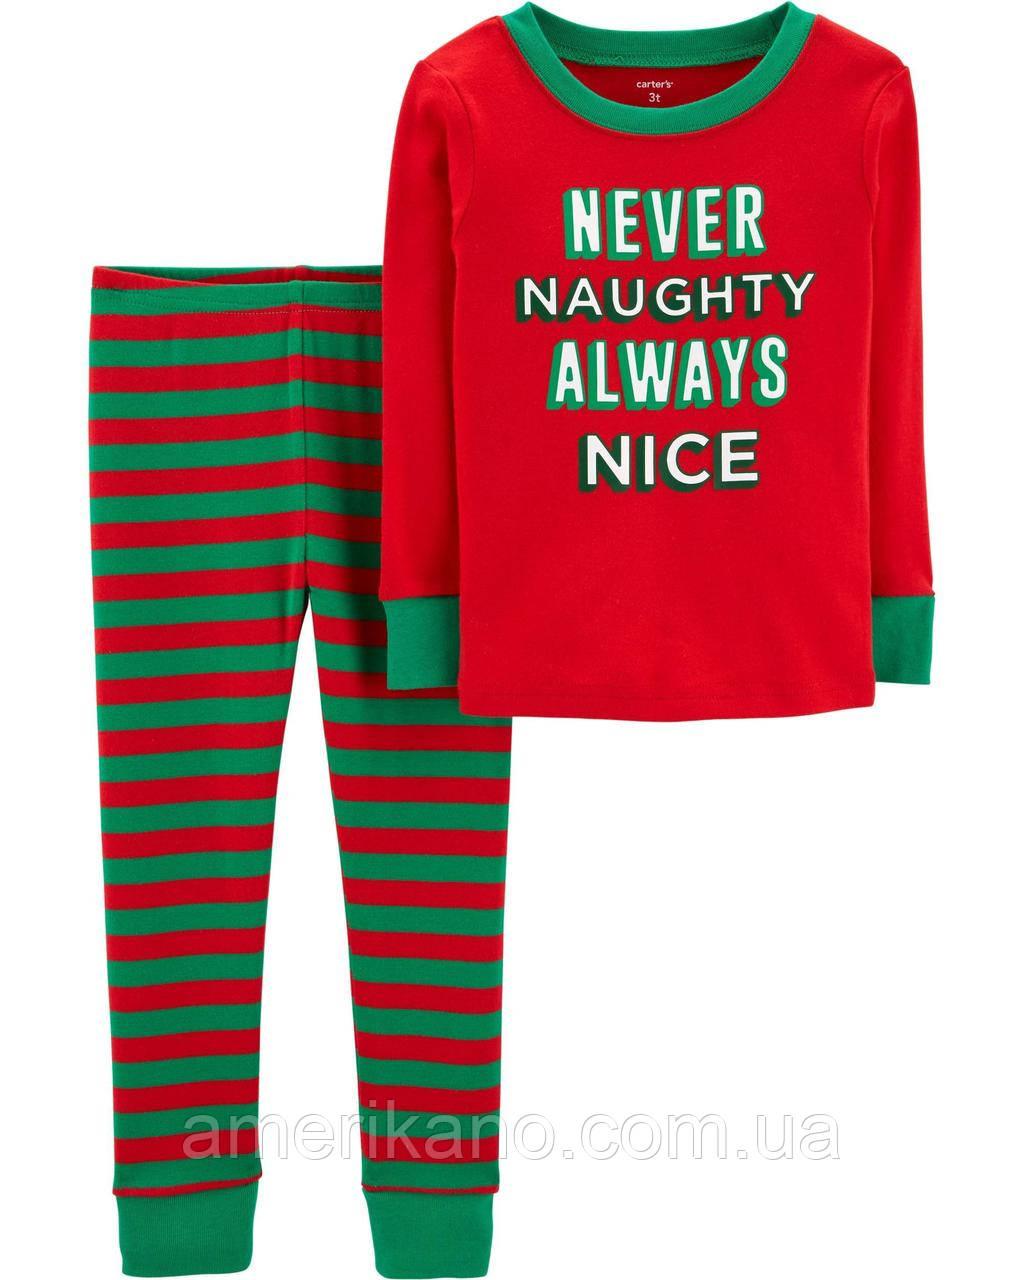 Пижама хлопковая Картерс Carter´s: кофта с длинным рукавом и штаны. Размер 24М.